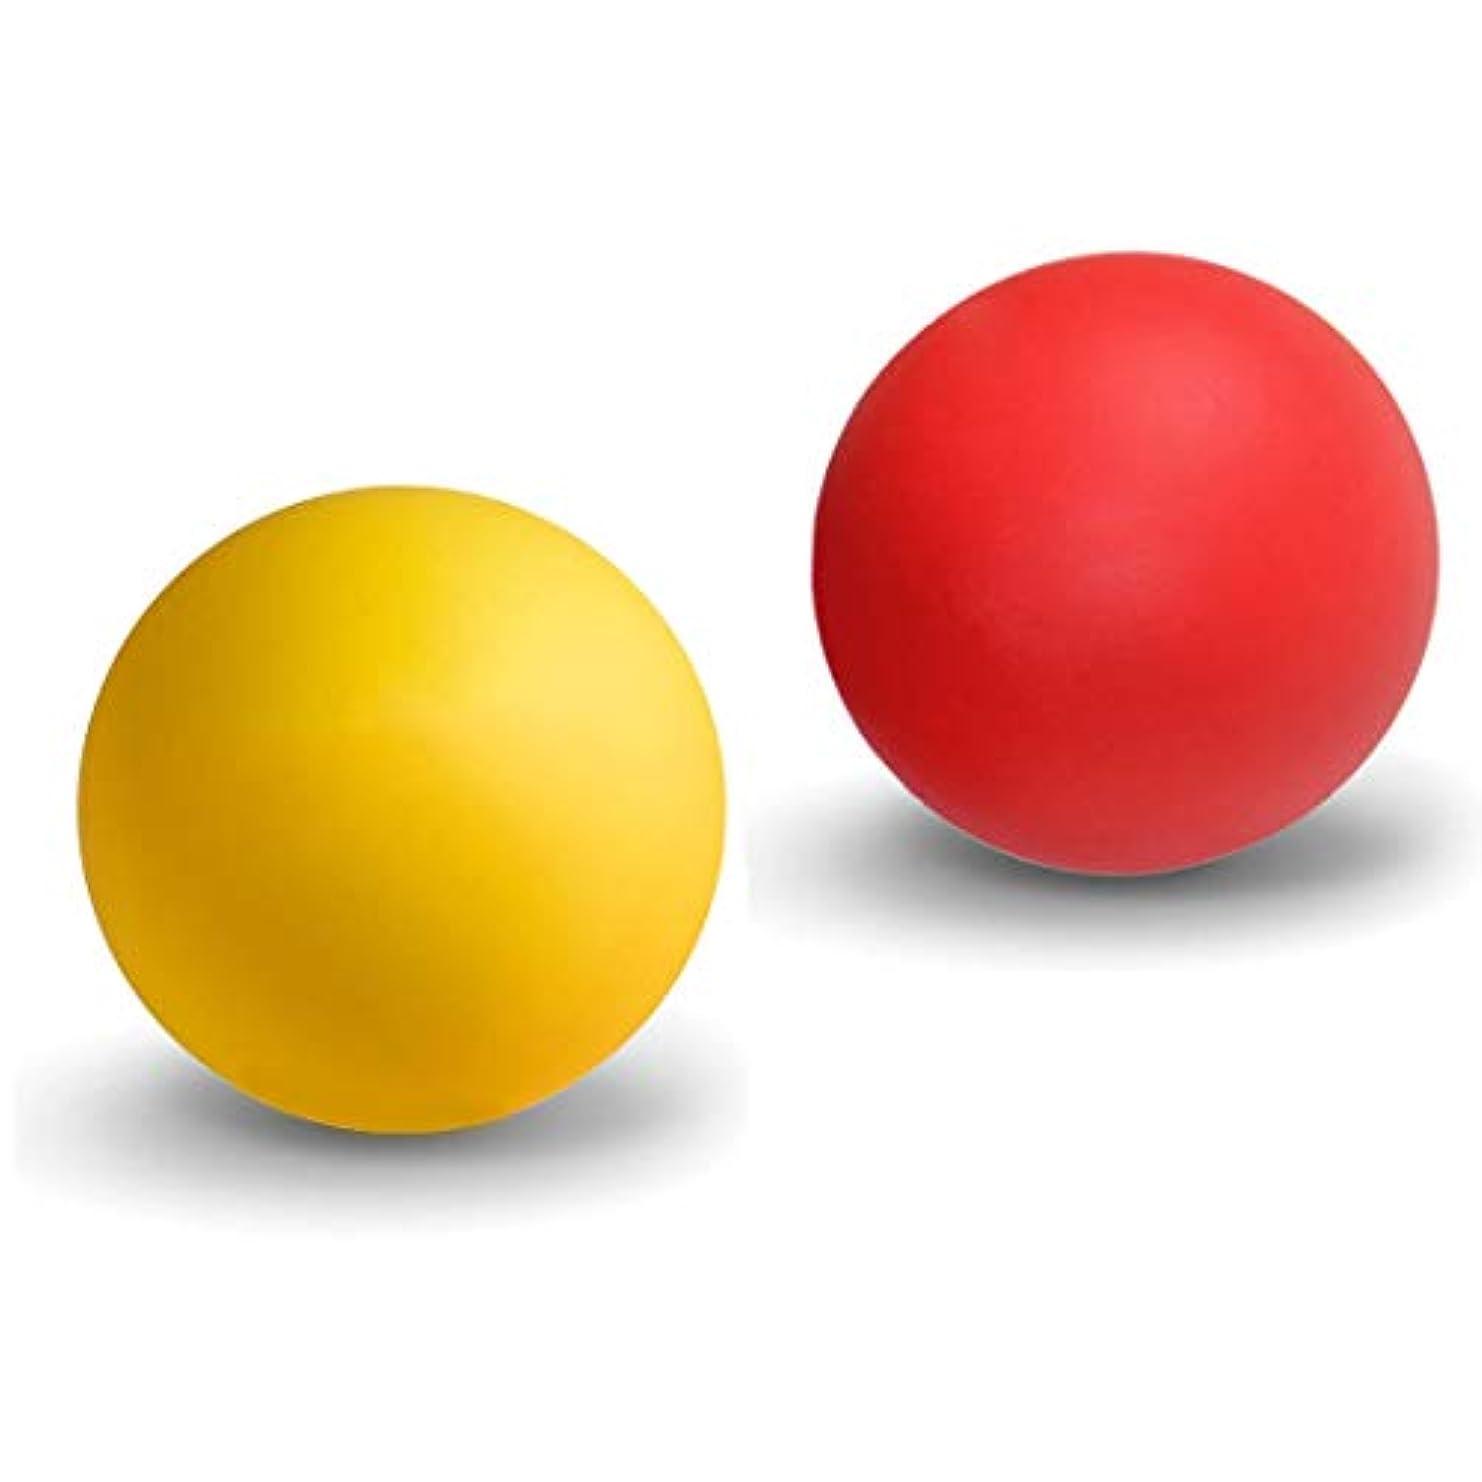 密輸スピーチシンボルマッサージボール ストレッチボール トリガーポイント ラクロスボール 筋膜リリース トレーニング 指圧ボールマッスルマッサージボール 背中 肩こり 腰 ふくらはぎ 足裏 ツボ押しグッズ 2で1組み合わせ 2個 セット